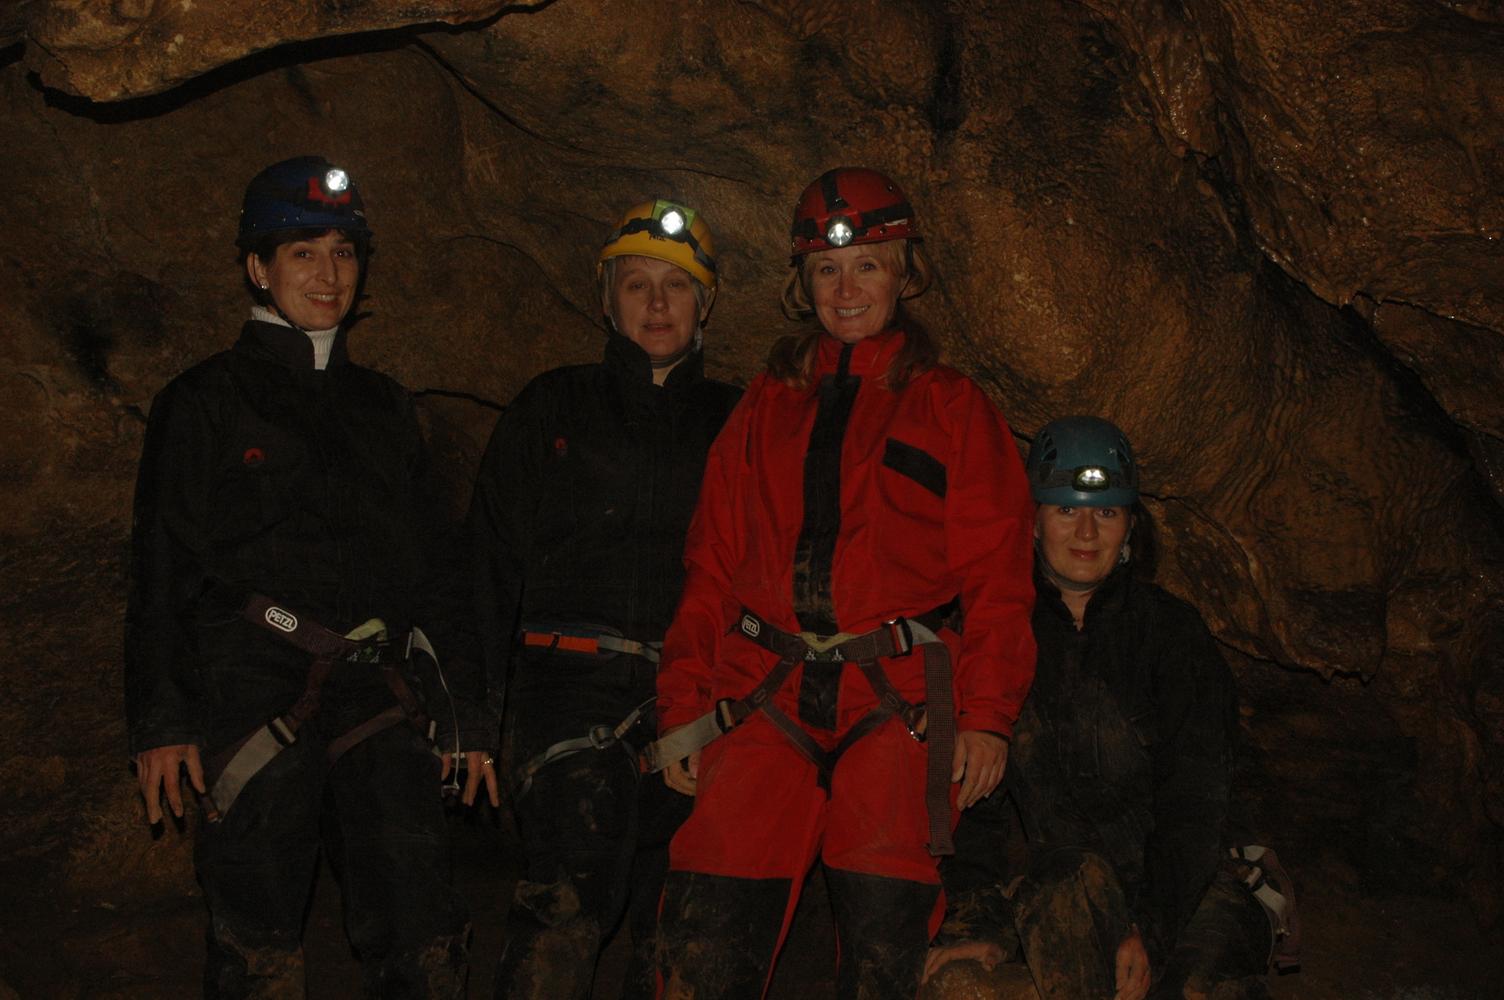 grupa jaskiniowa